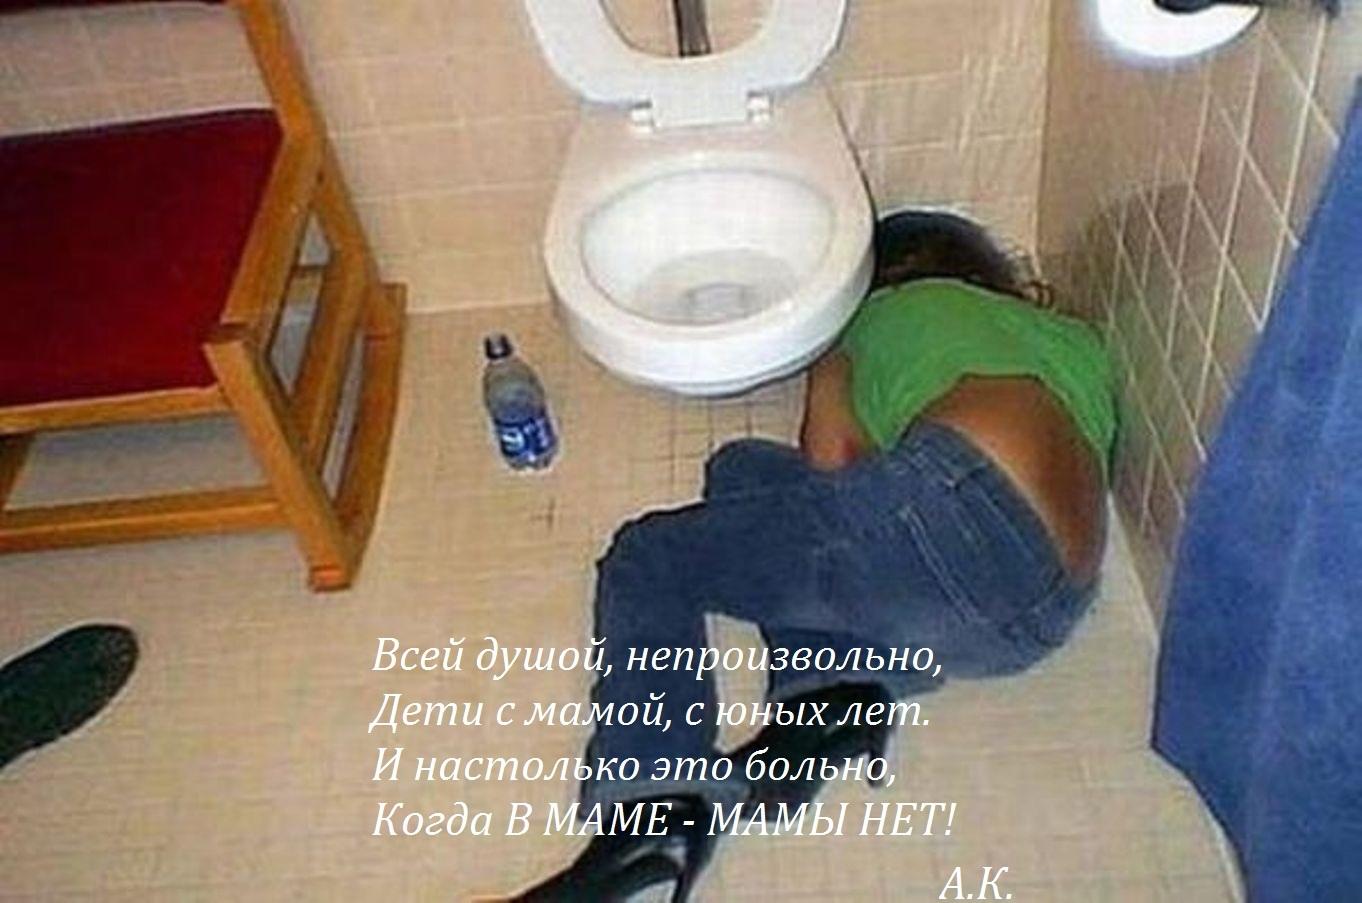 Пьяные русские жены ебутся, Пьяные, бухие: Порно с жёнами молодыми и зрелыми 25 фотография